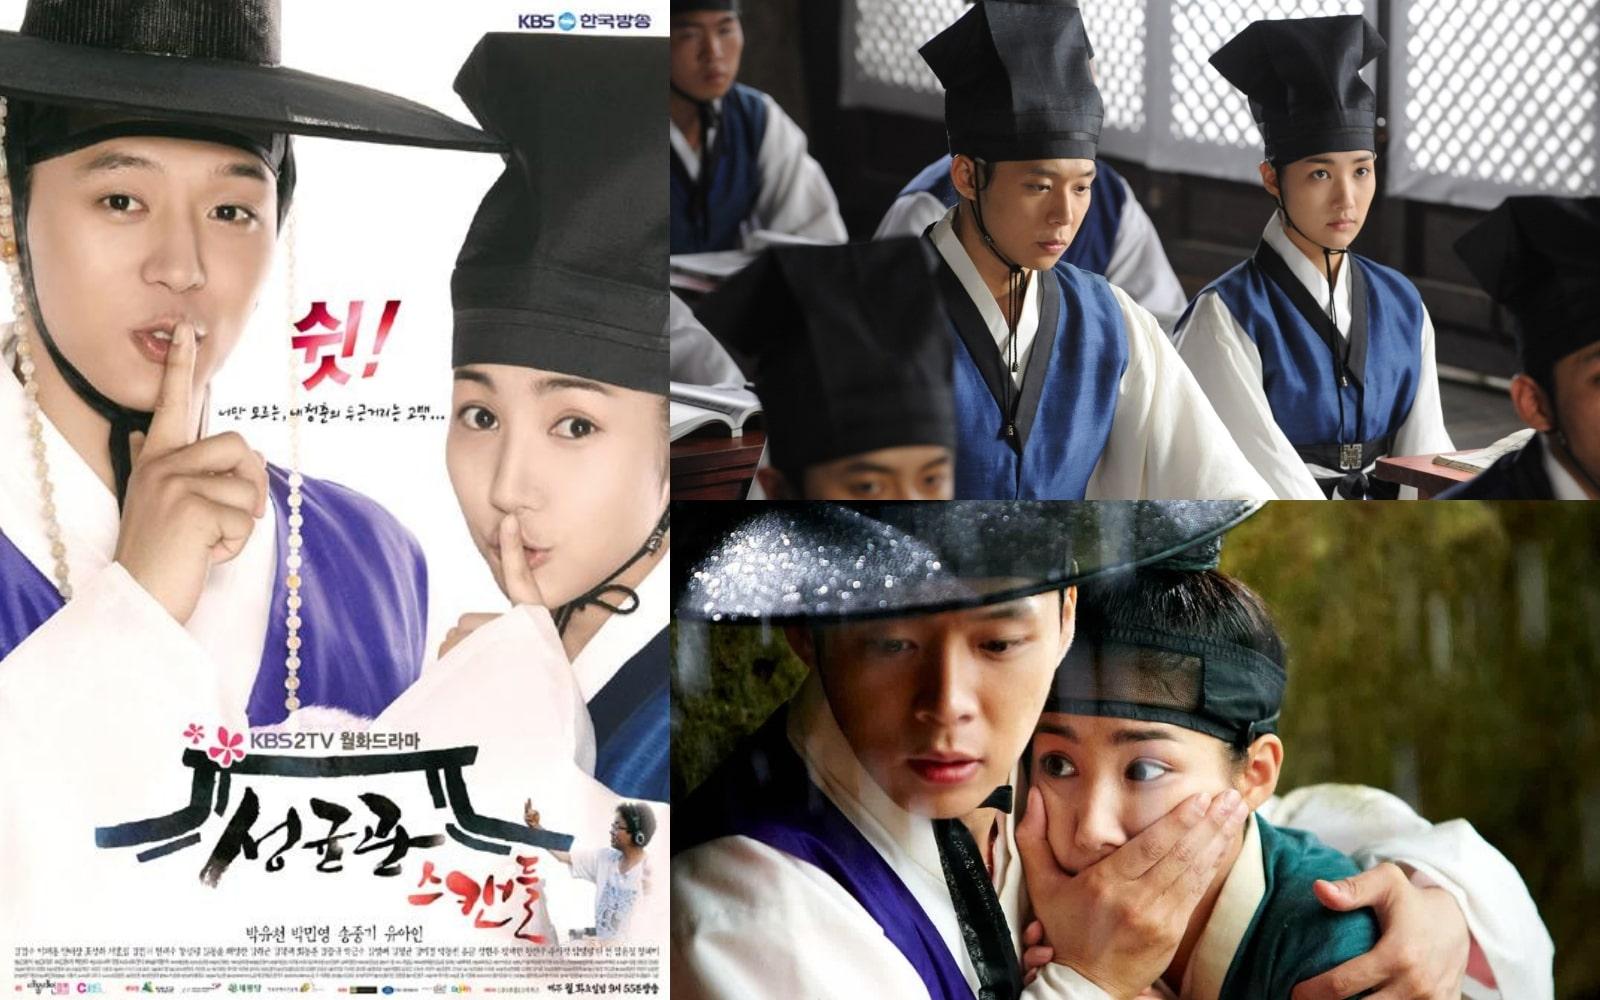 5 ซีรี่ย์เกาหลีสนุกๆ ของ ซงจุงกิ (Song Joong-ki) แฟนคลับห้ามพลาด!